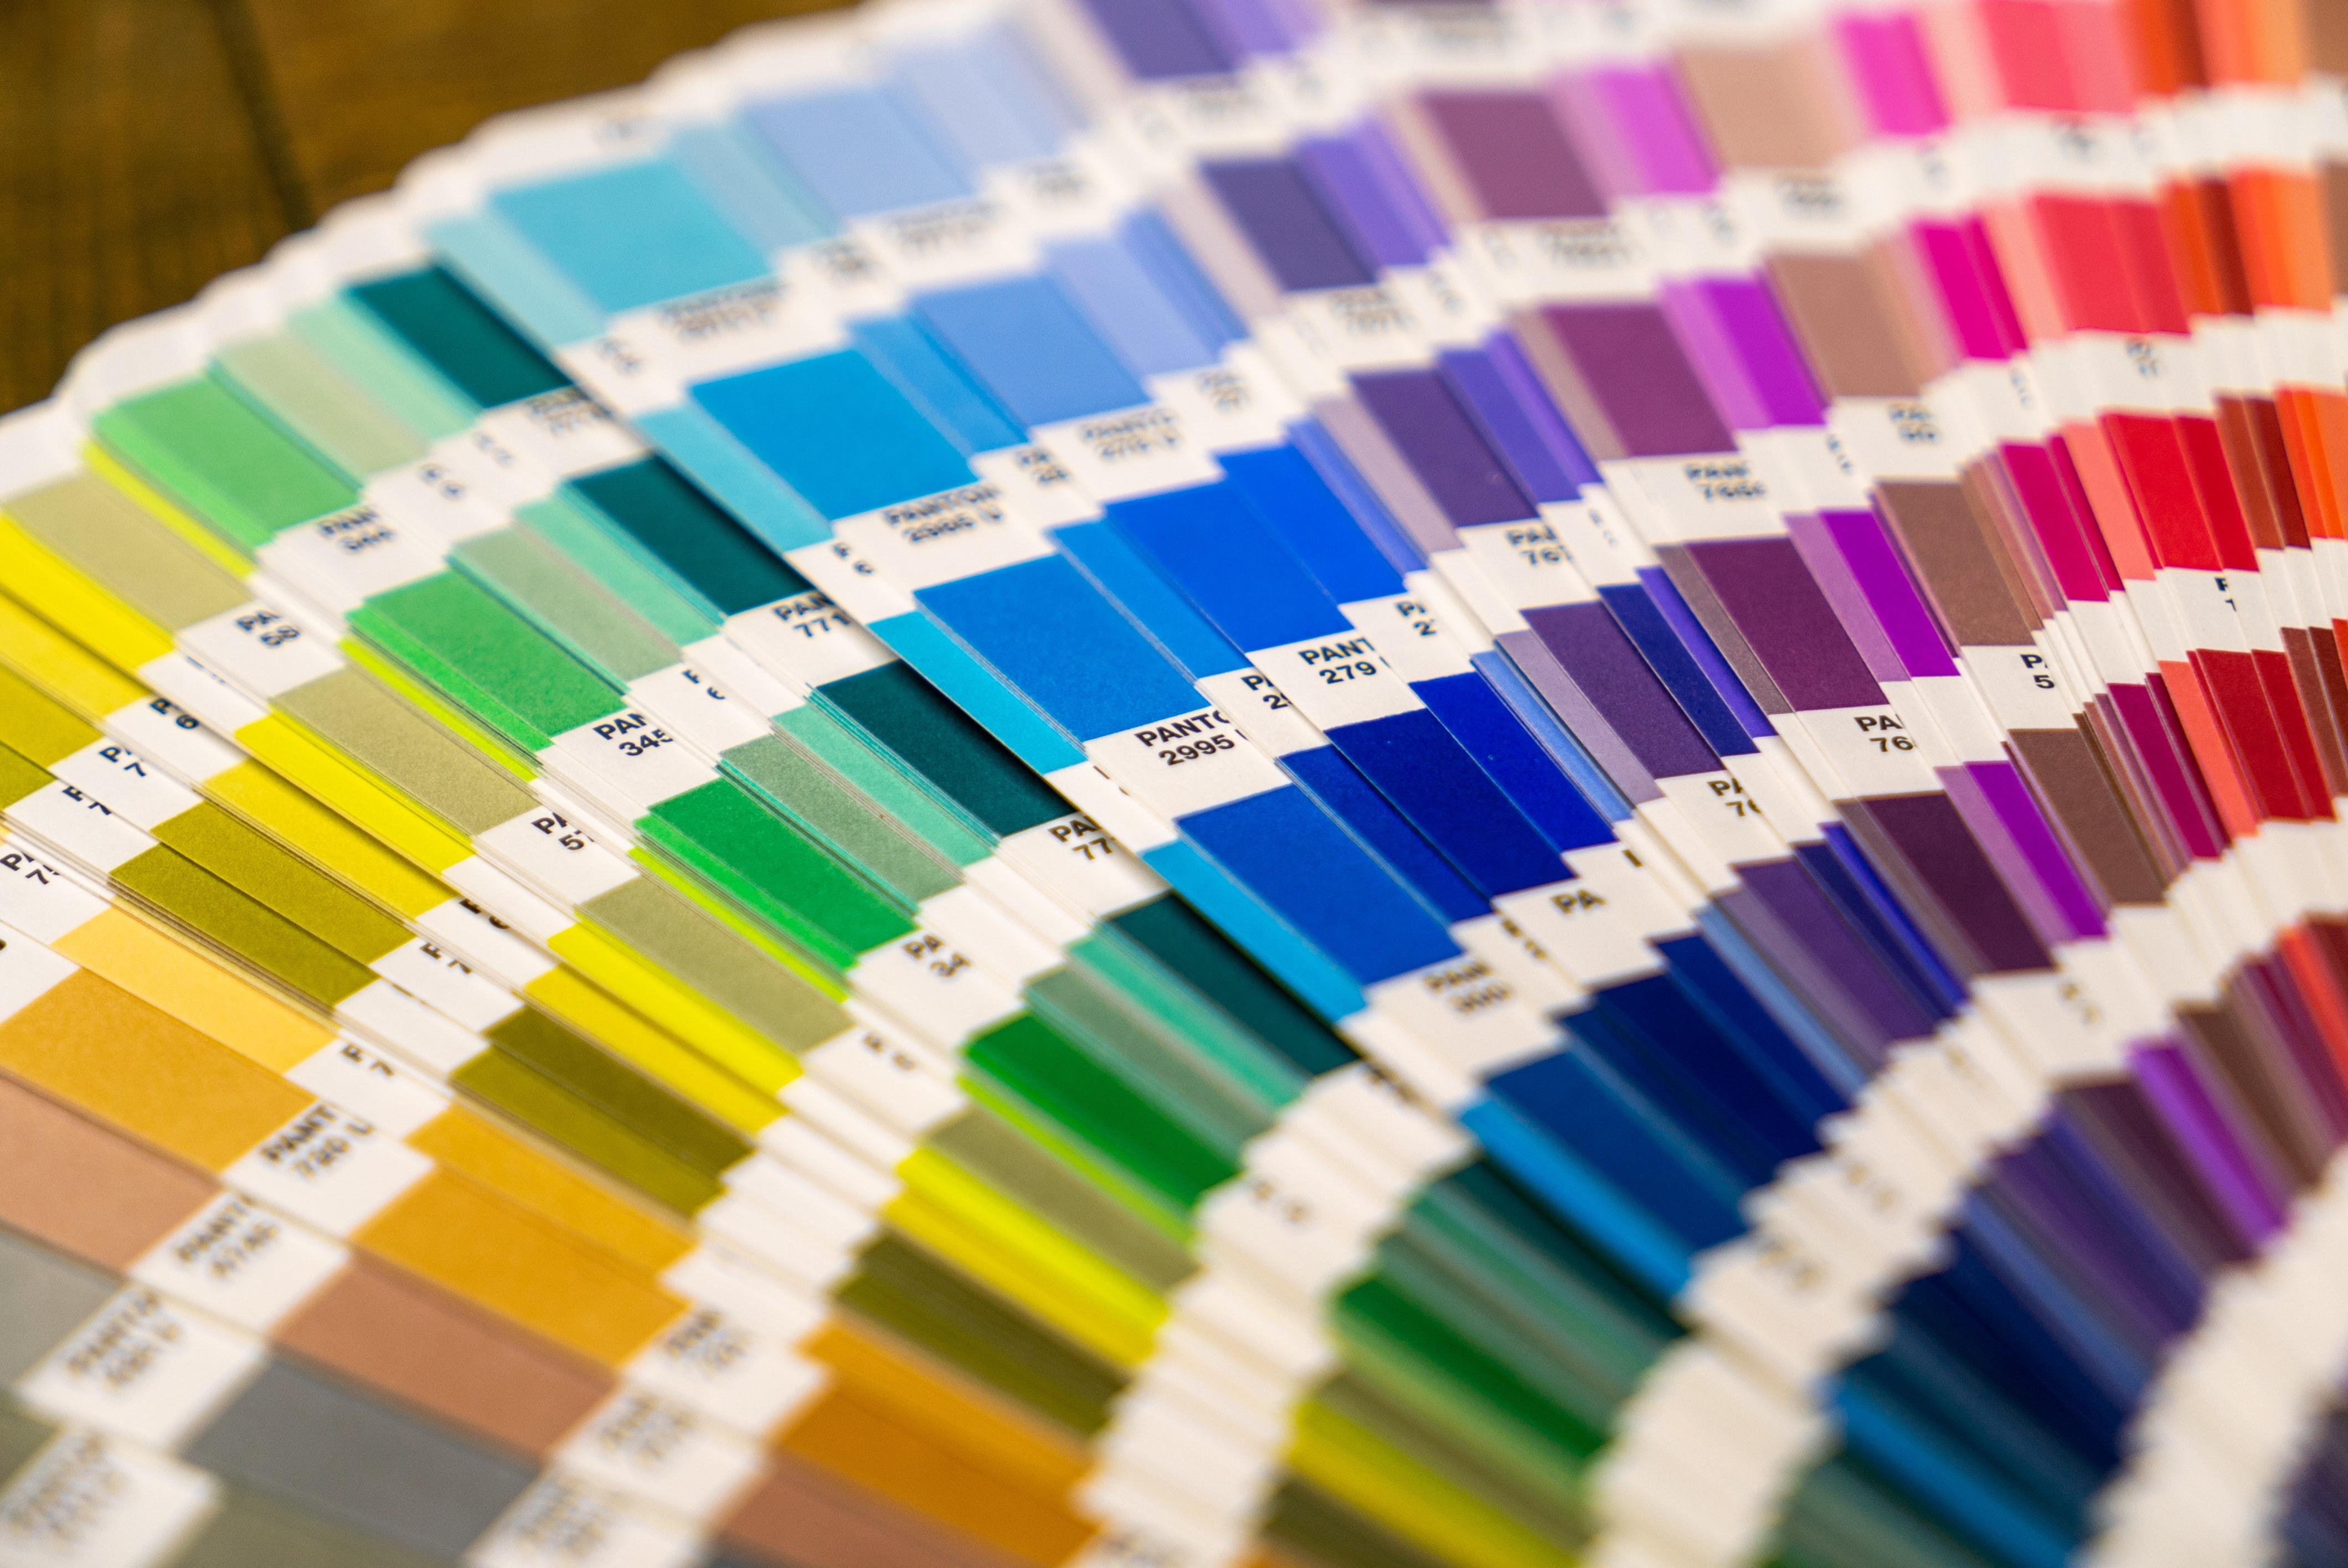 paint-color-sheets-benchmark-comparison